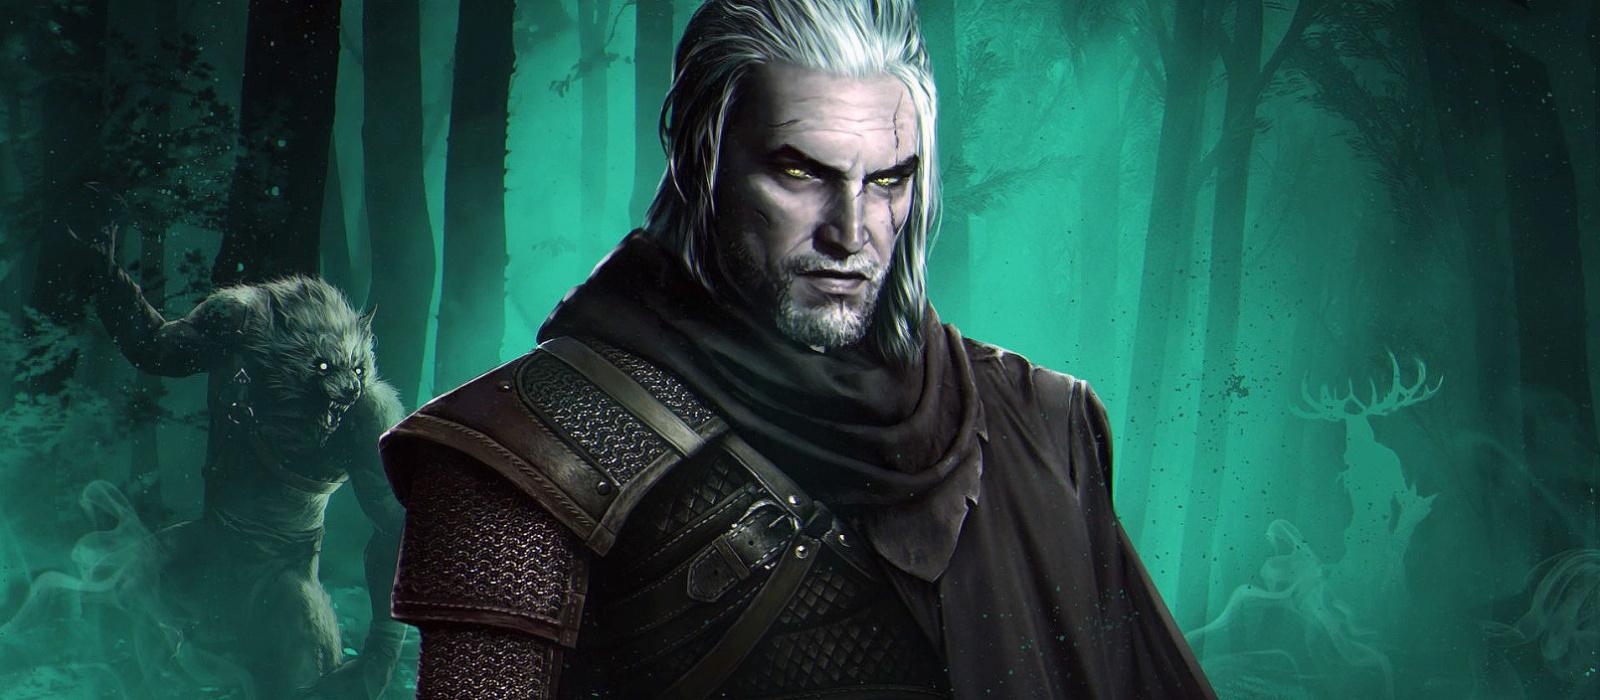 Wenn The Witcher, Uncharted und Death Stranding vor 30 Jahren herauskamen – wurden die Helden der Spiele im Retro-Stil gezeigt